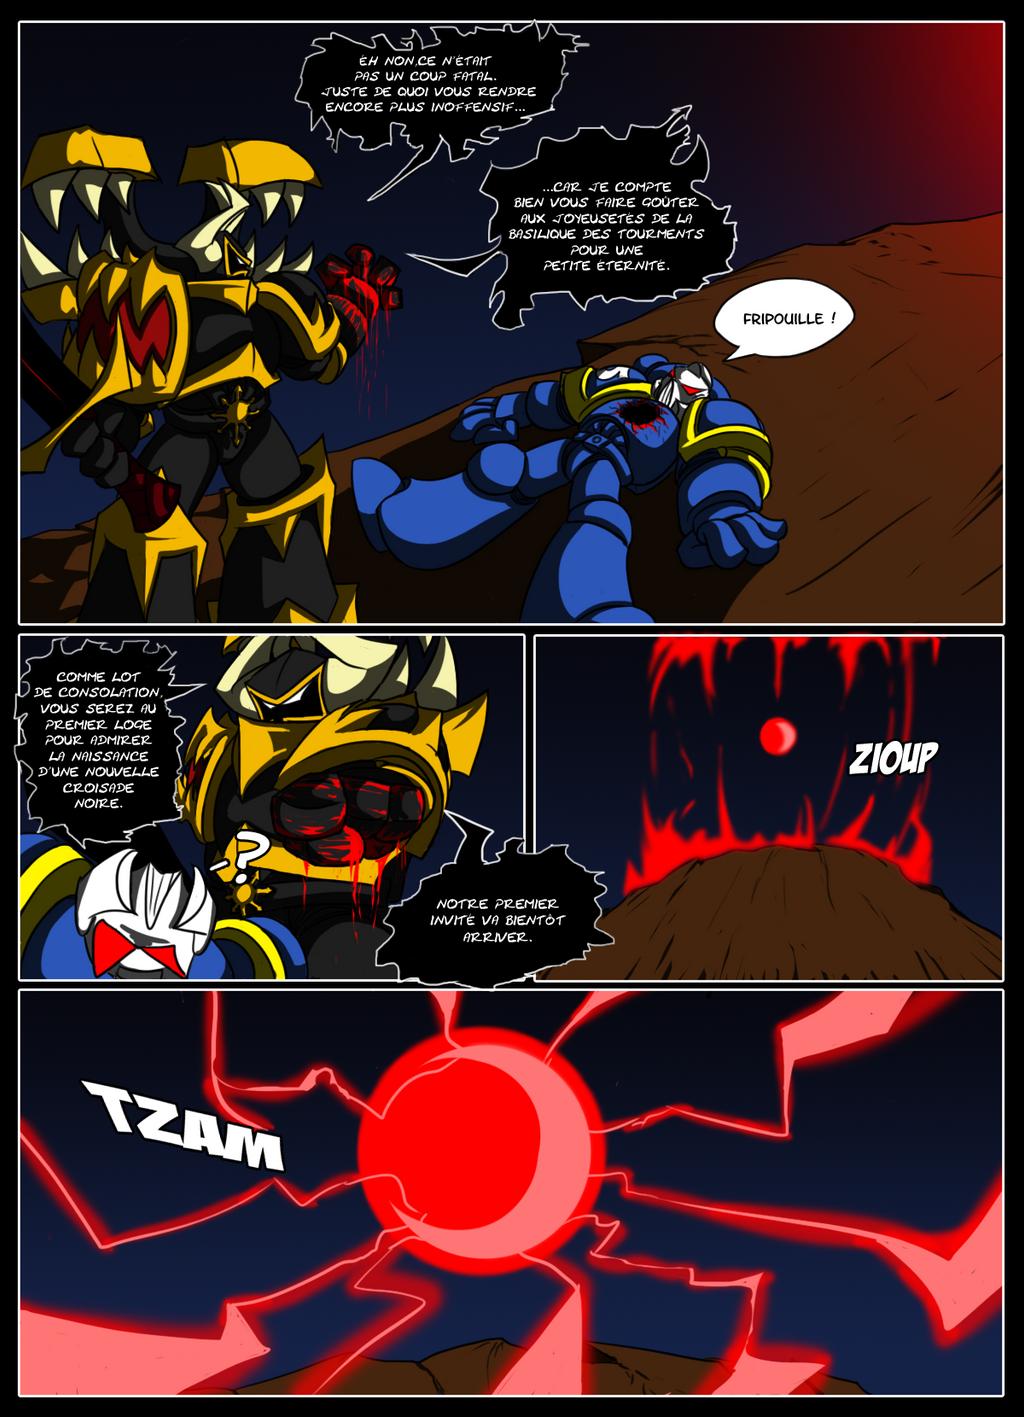 Bandes Dessinées de Warhammer 40,000 - Page 2 P42__color_by_littlecutter-d5v6brf